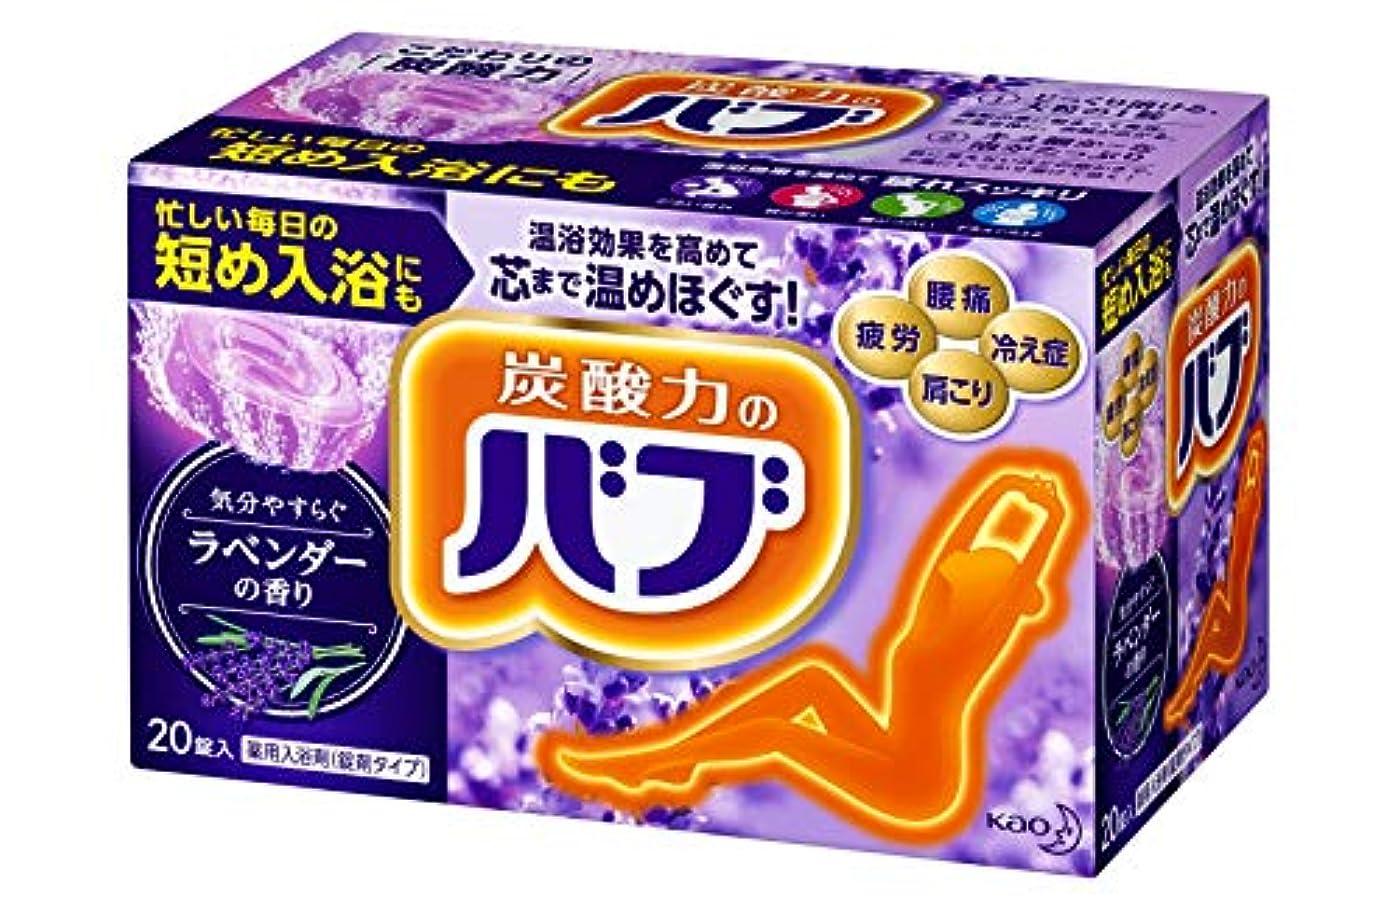 酸胃アブセイバブ ラベンダー の香り 20錠入 炭酸 入浴剤 薬用  [医薬部外品]